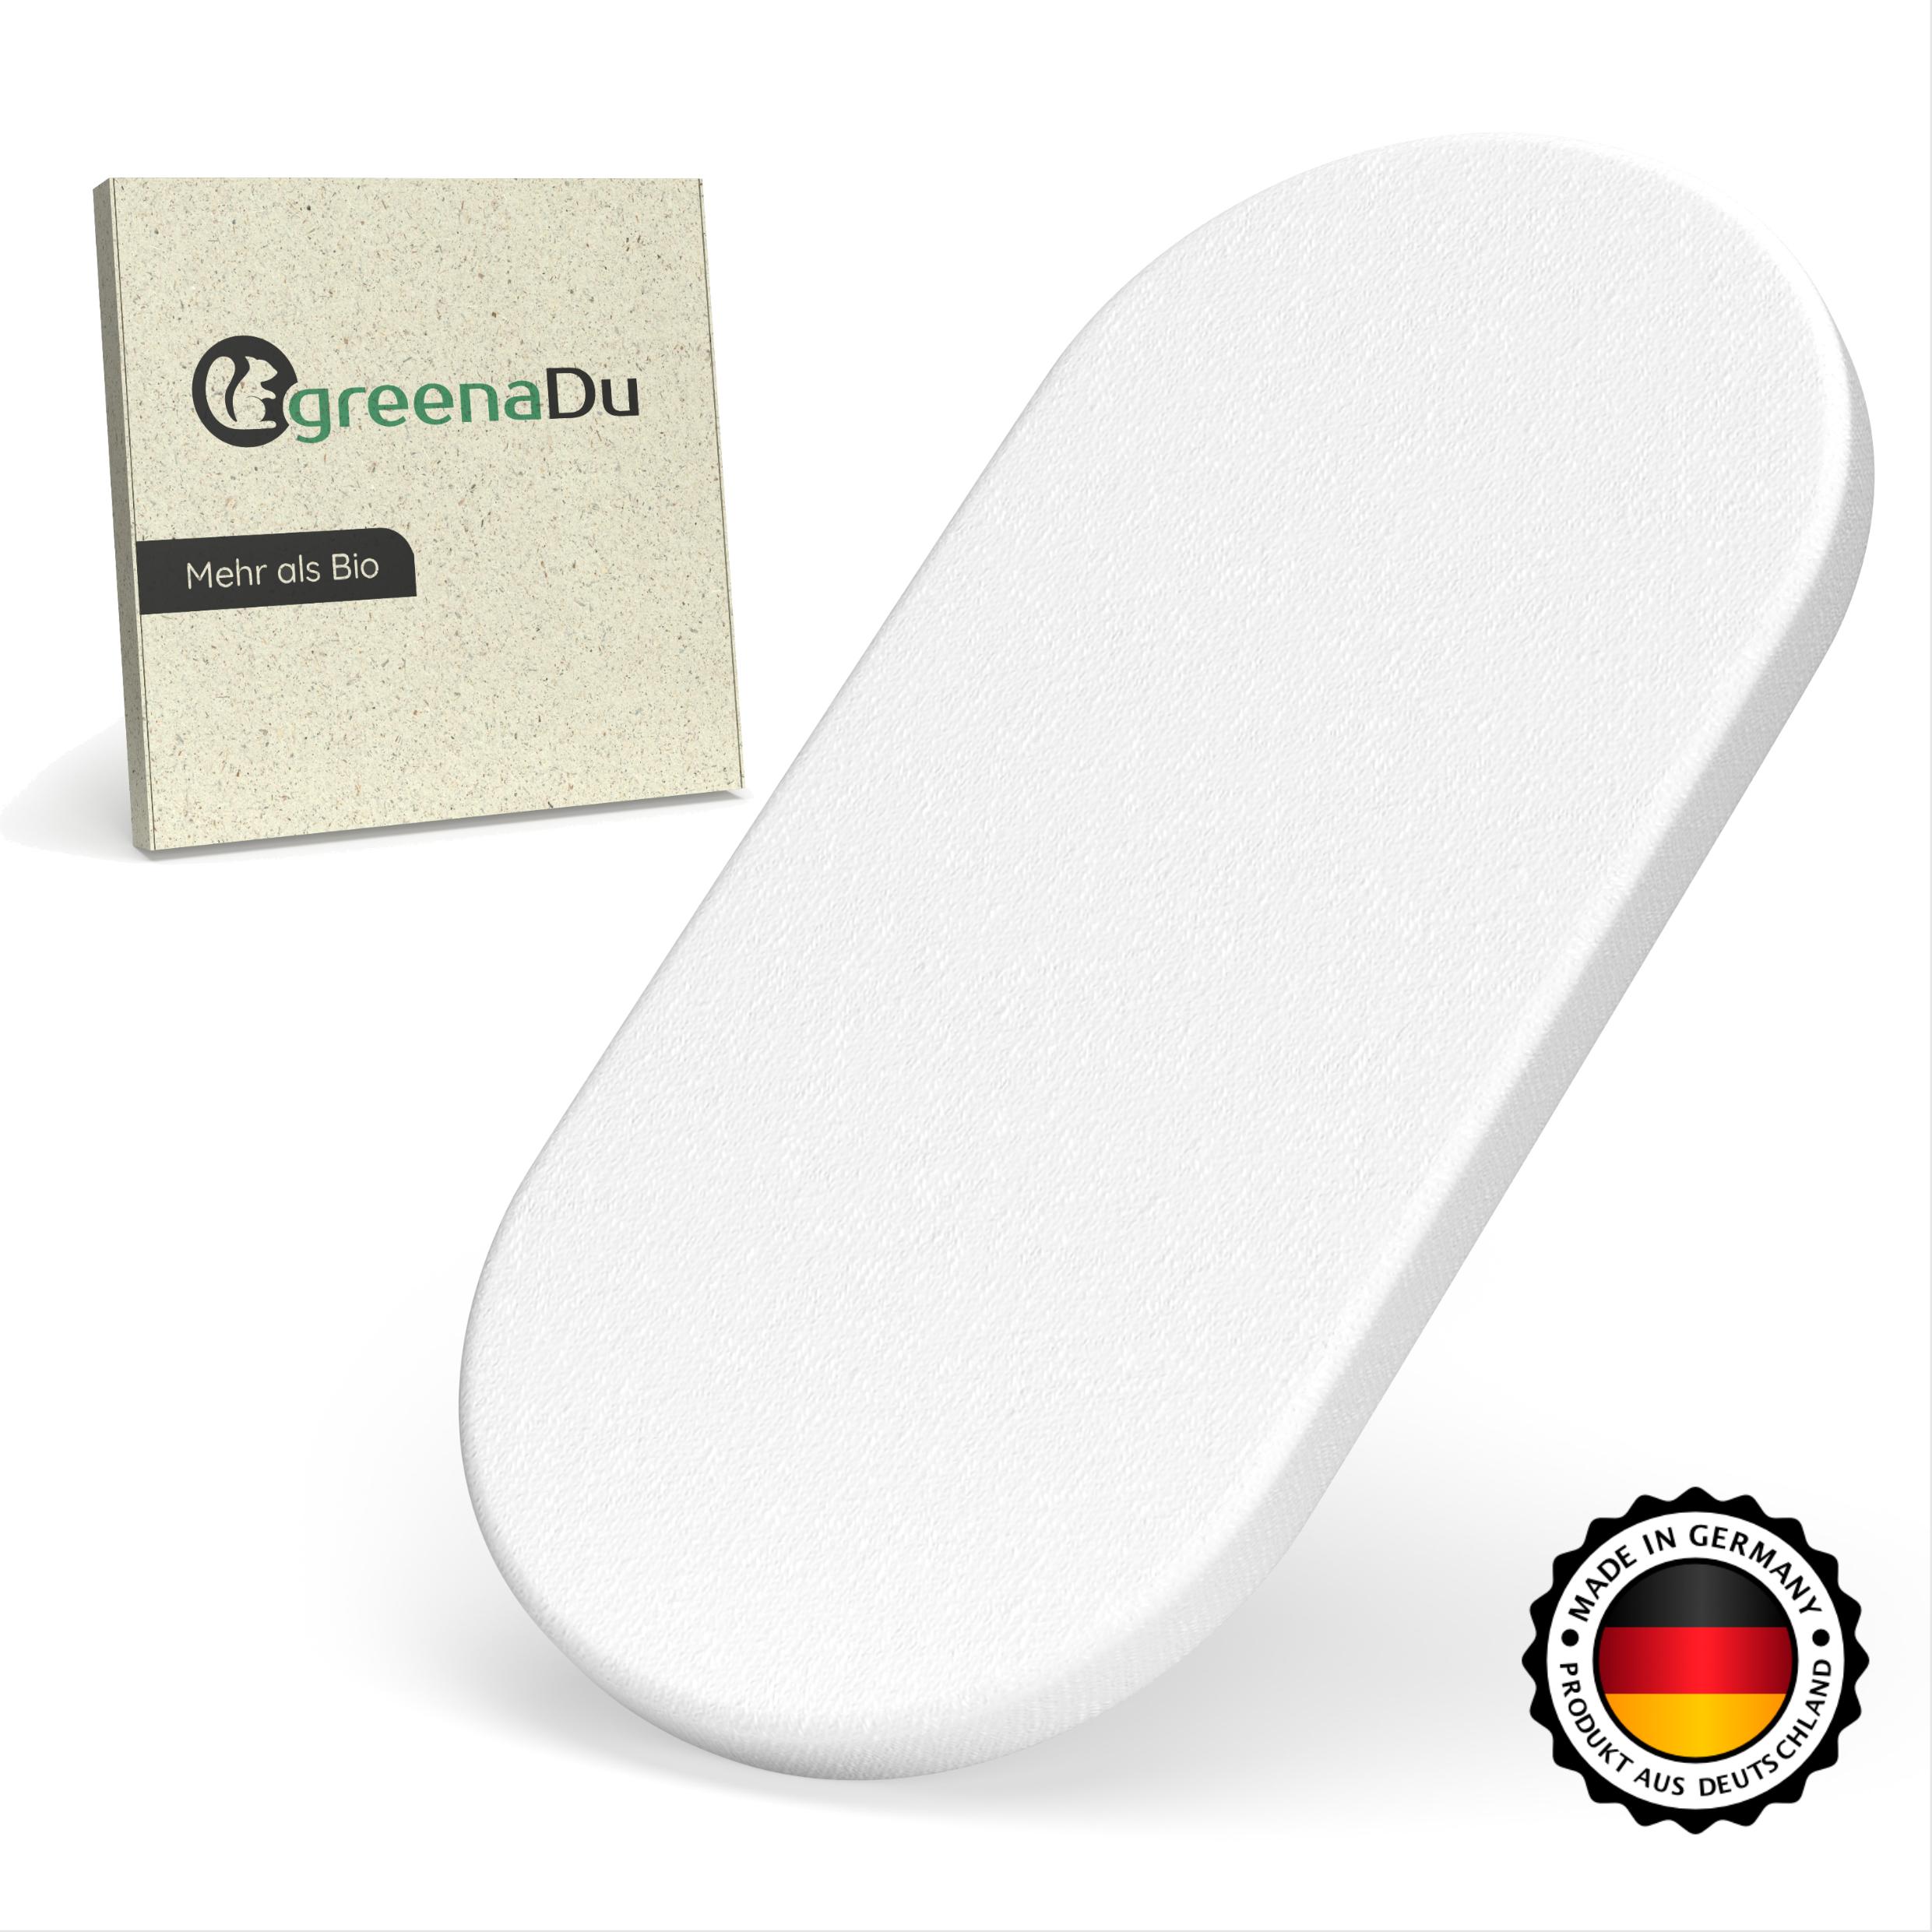 greenaDu Spannbettlaken aus Deutschland